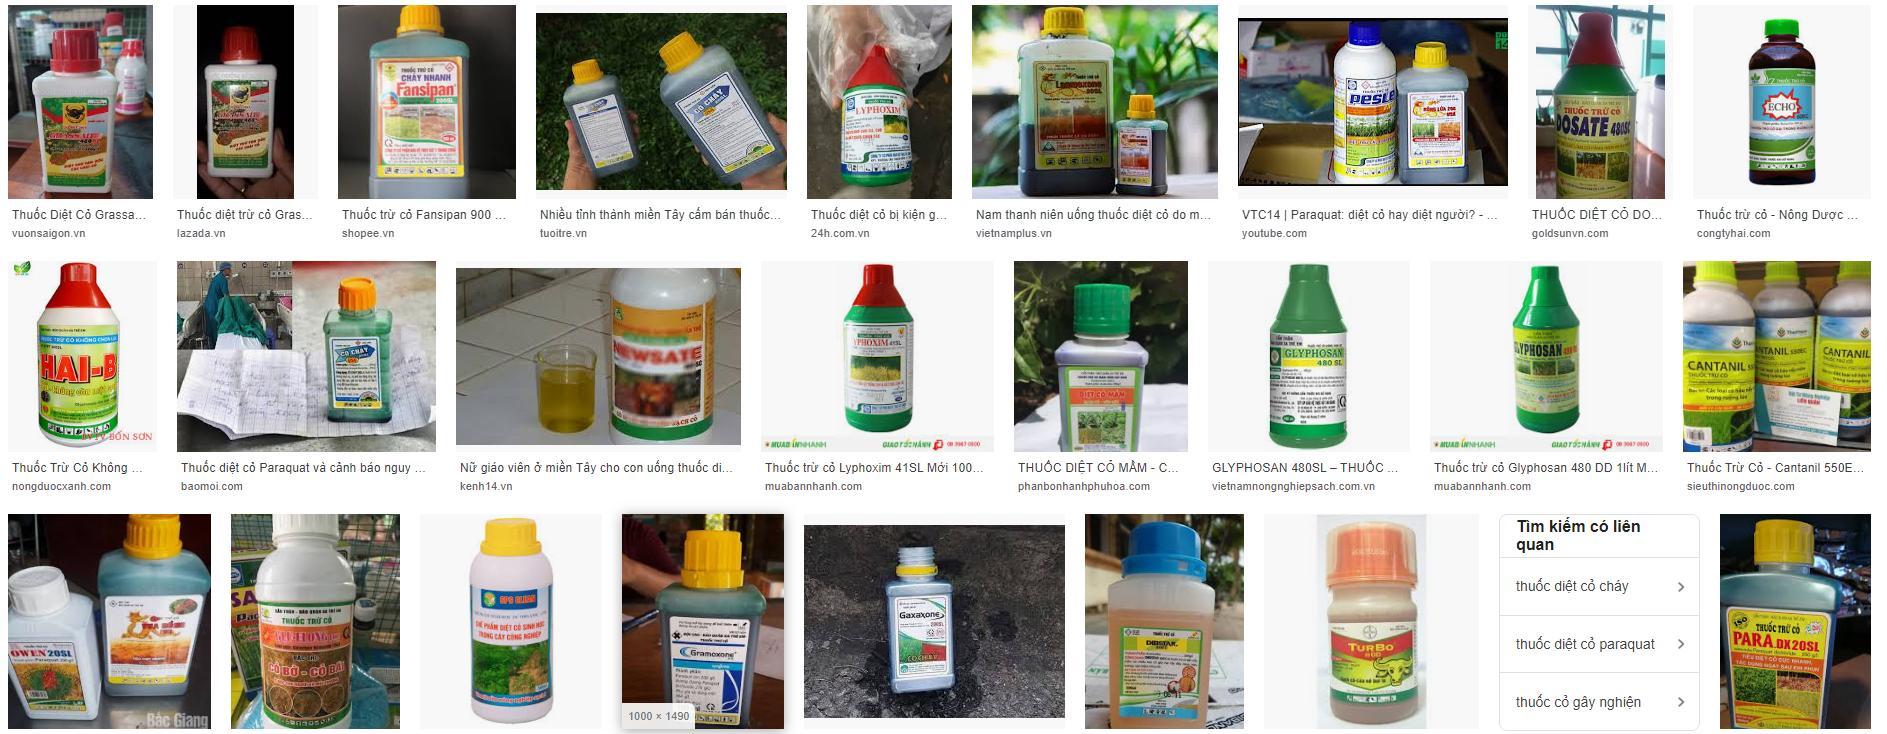 Có rất nhiều thuốc diệt cỏ trên thị trường - Lợi Dân